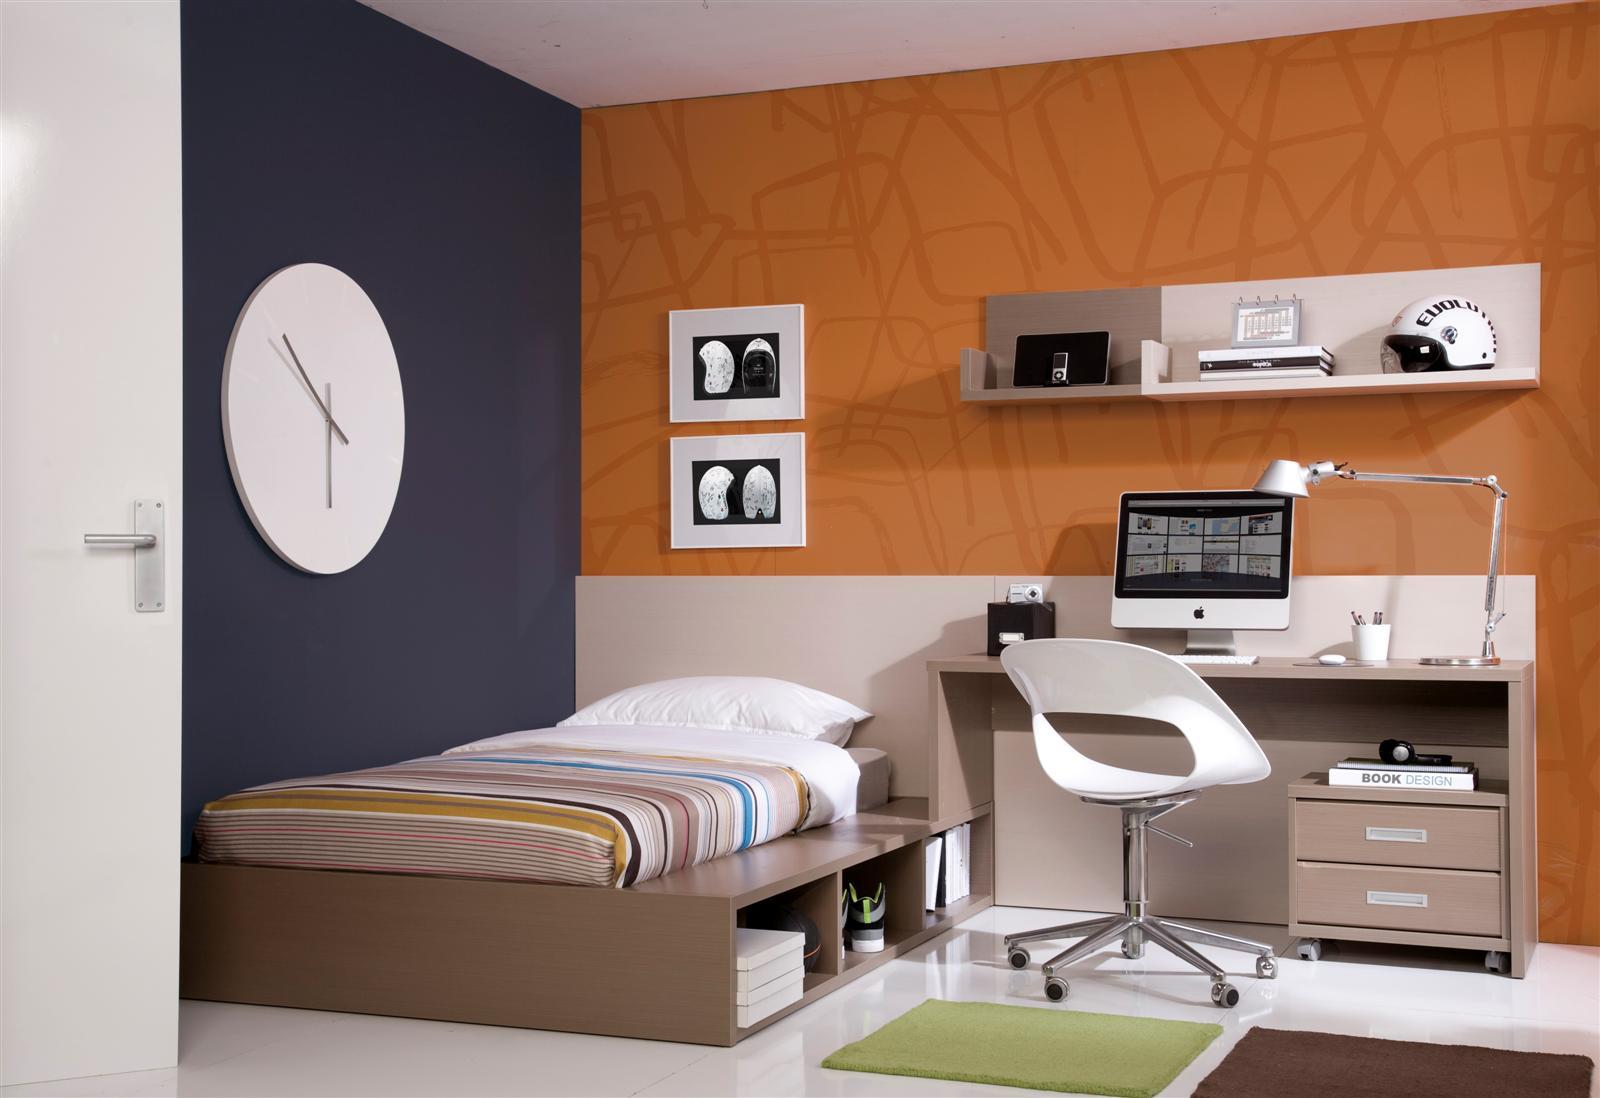 Psicolog a del color para decorar habitaciones infantiles - Pintar habitacion infantil dos colores ...